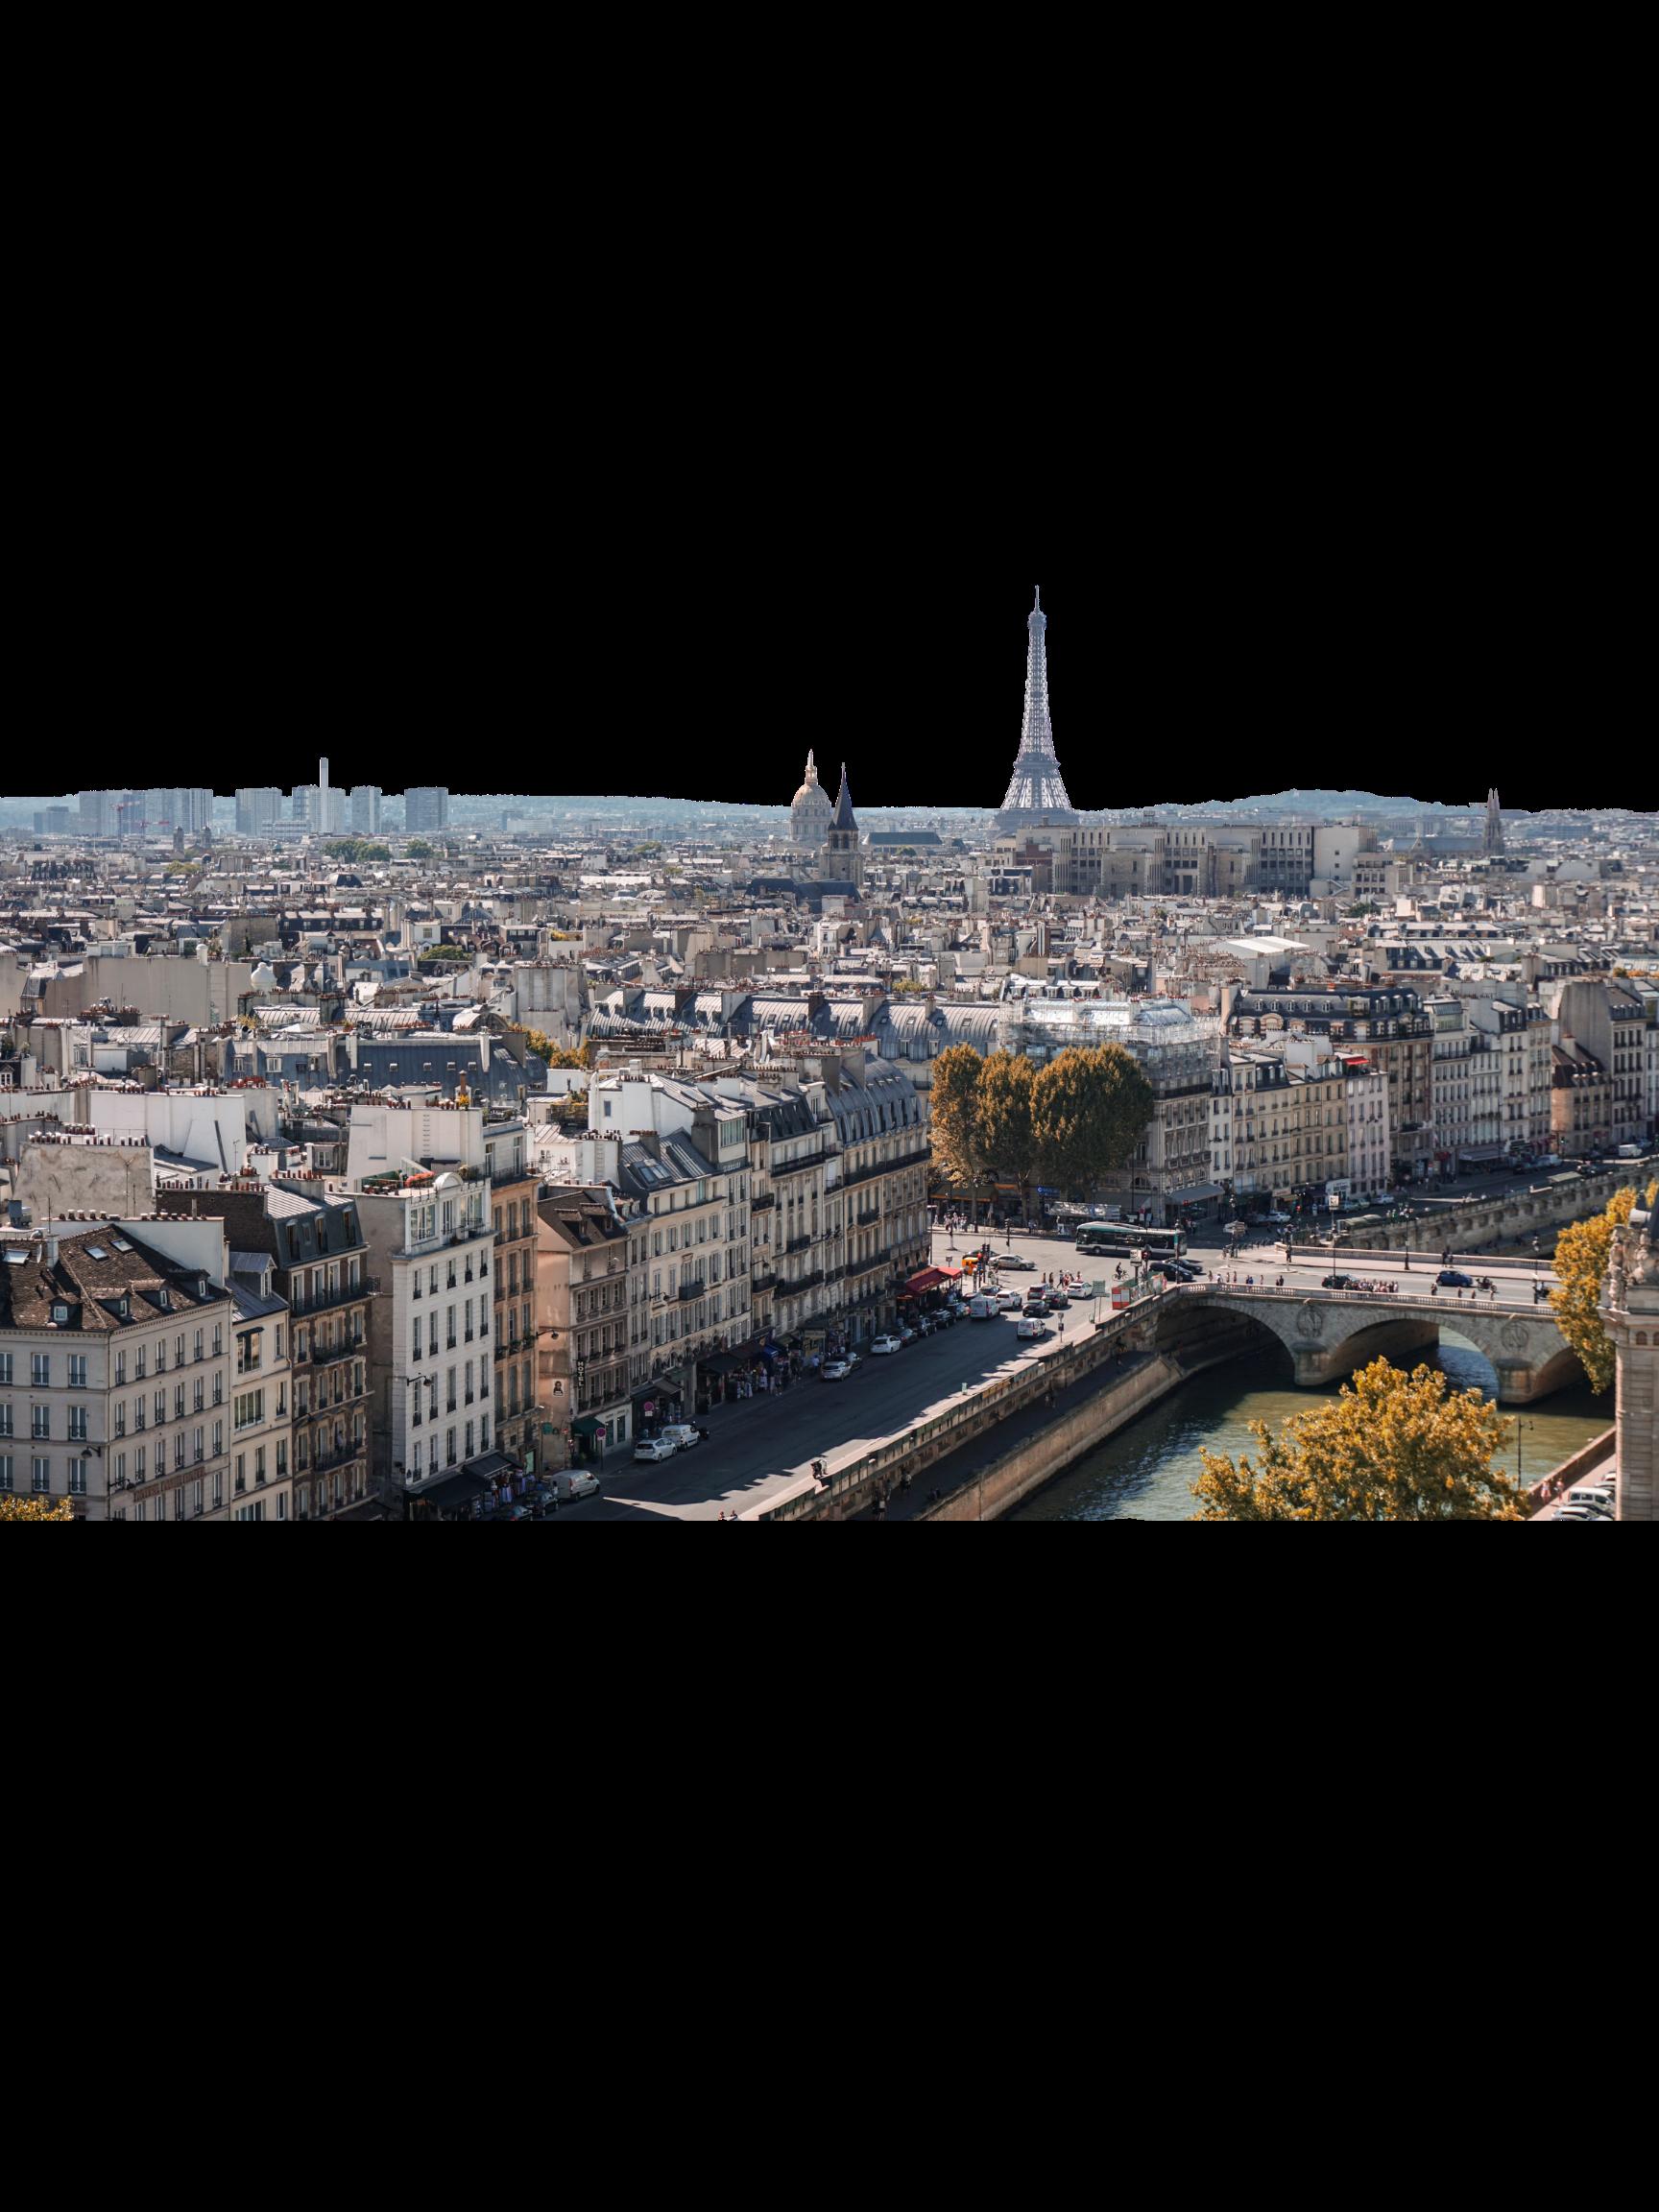 La ville de Paris vue du ciel en automne avec la Tour Eiffel à l'horizon